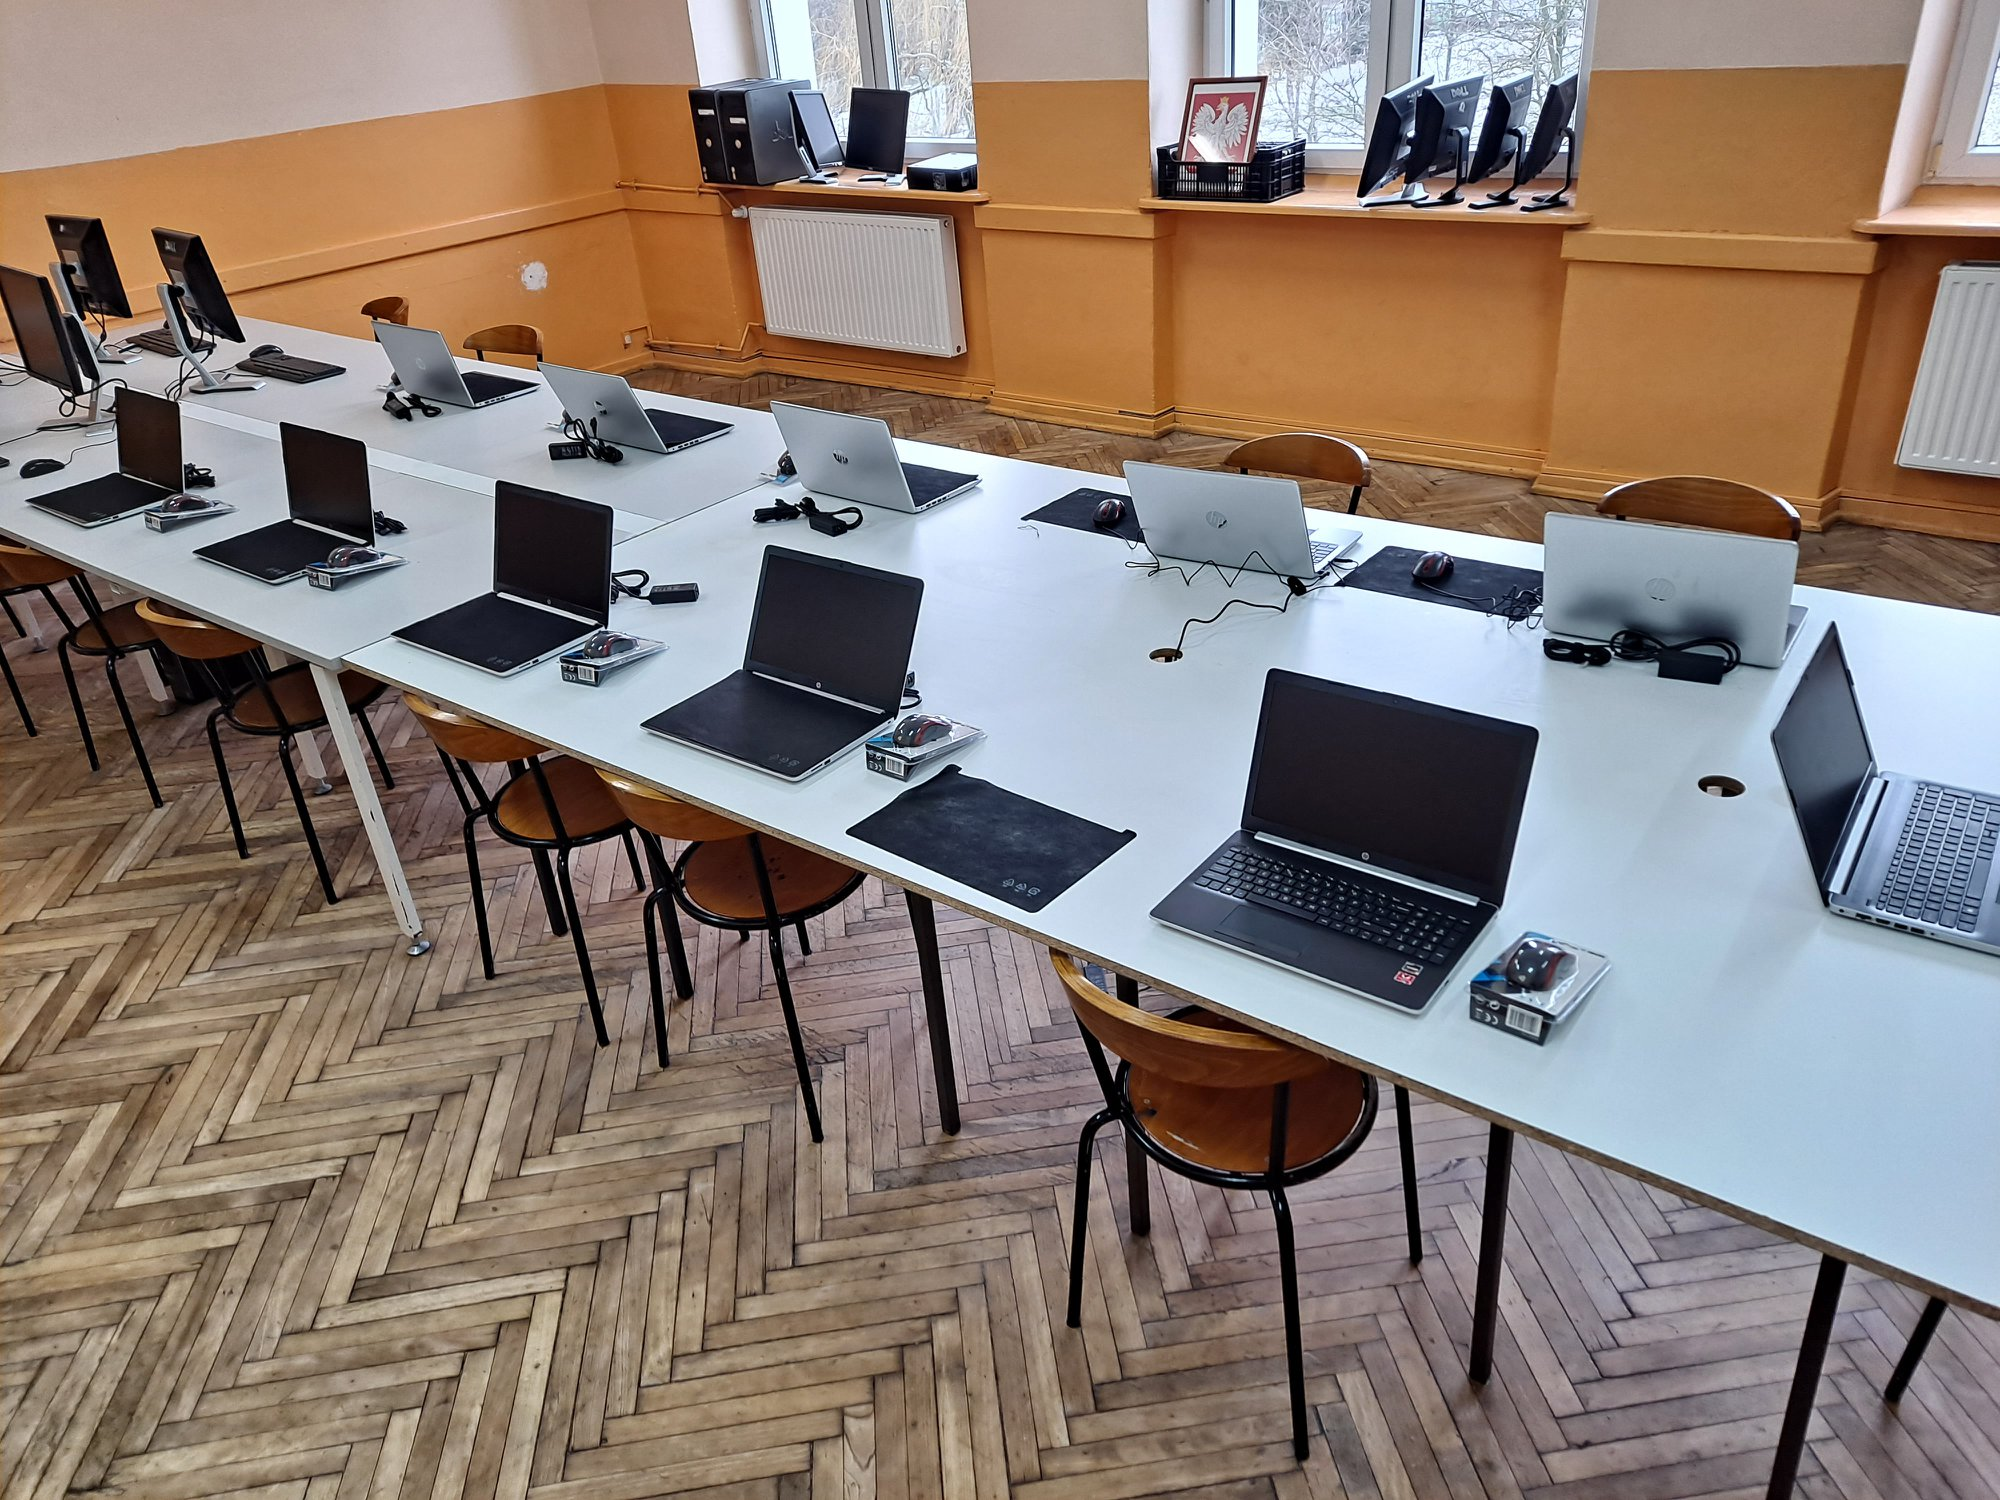 [ZDJĘCIA] Ponad 300 tys. zł na sprzęt dla uczniów i nauczycieli. Zobacz, co zakupiły władze powiatu - Zdjęcie główne